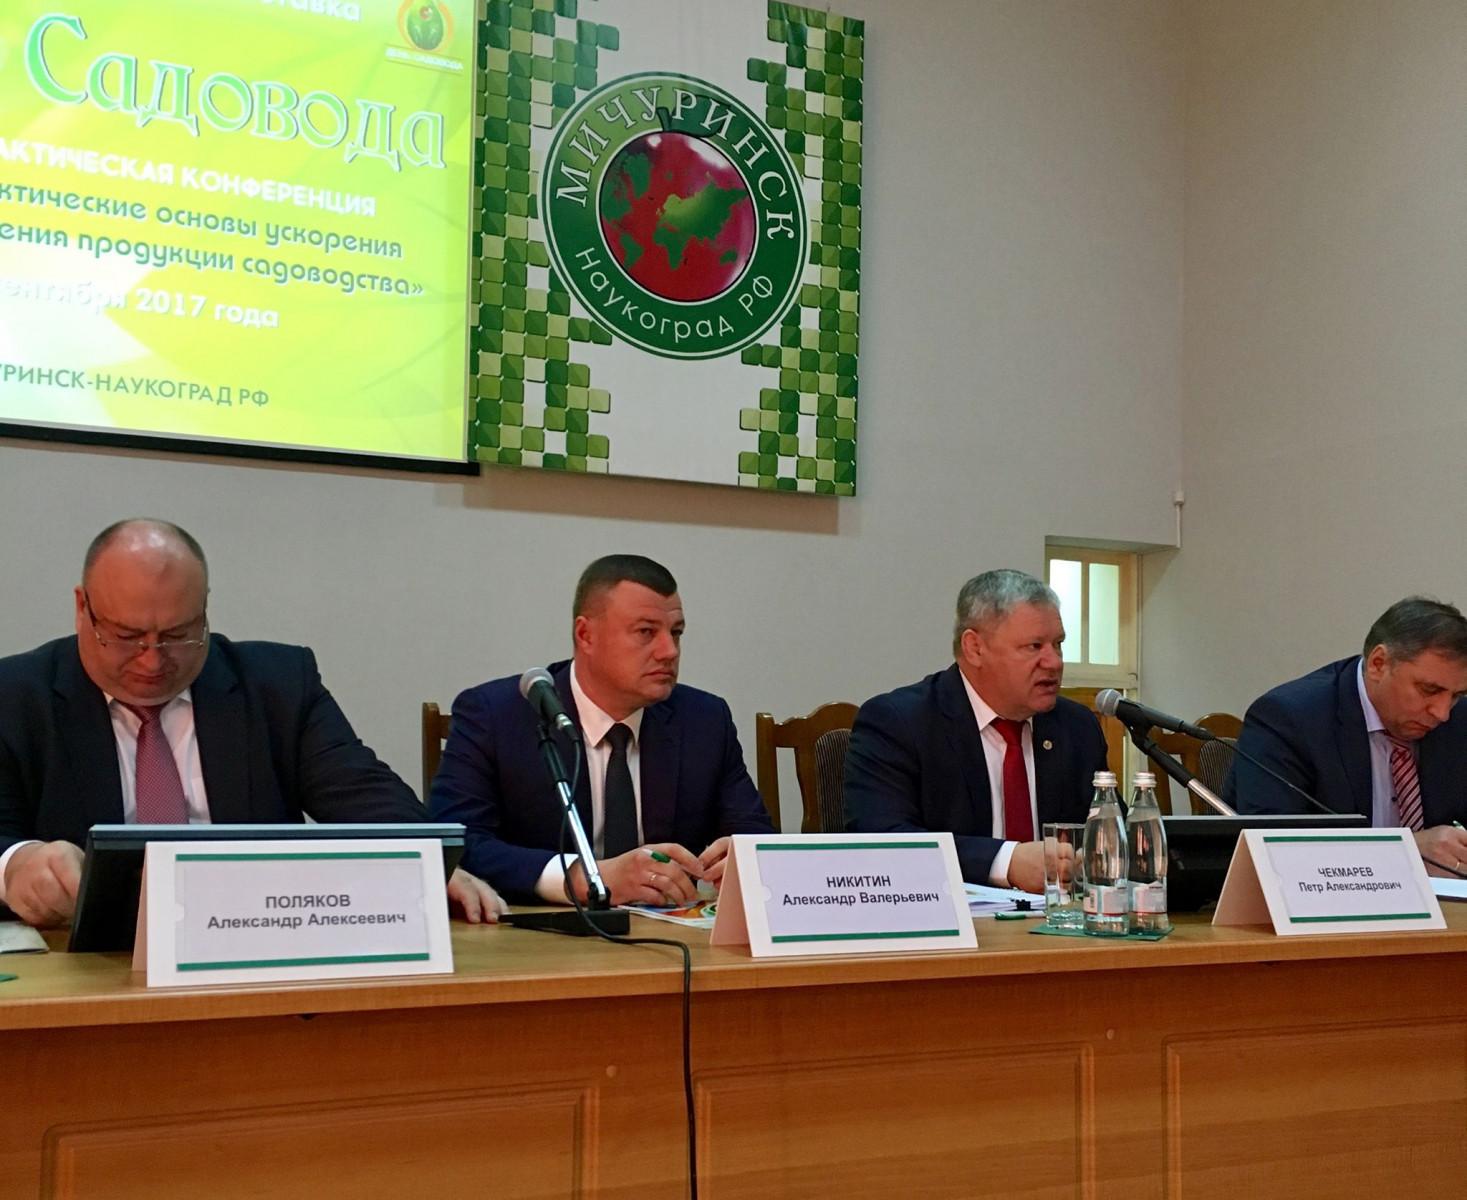 Российские ученые в Мичуринске обсудили вопросы импортозамещения продукции садоводства